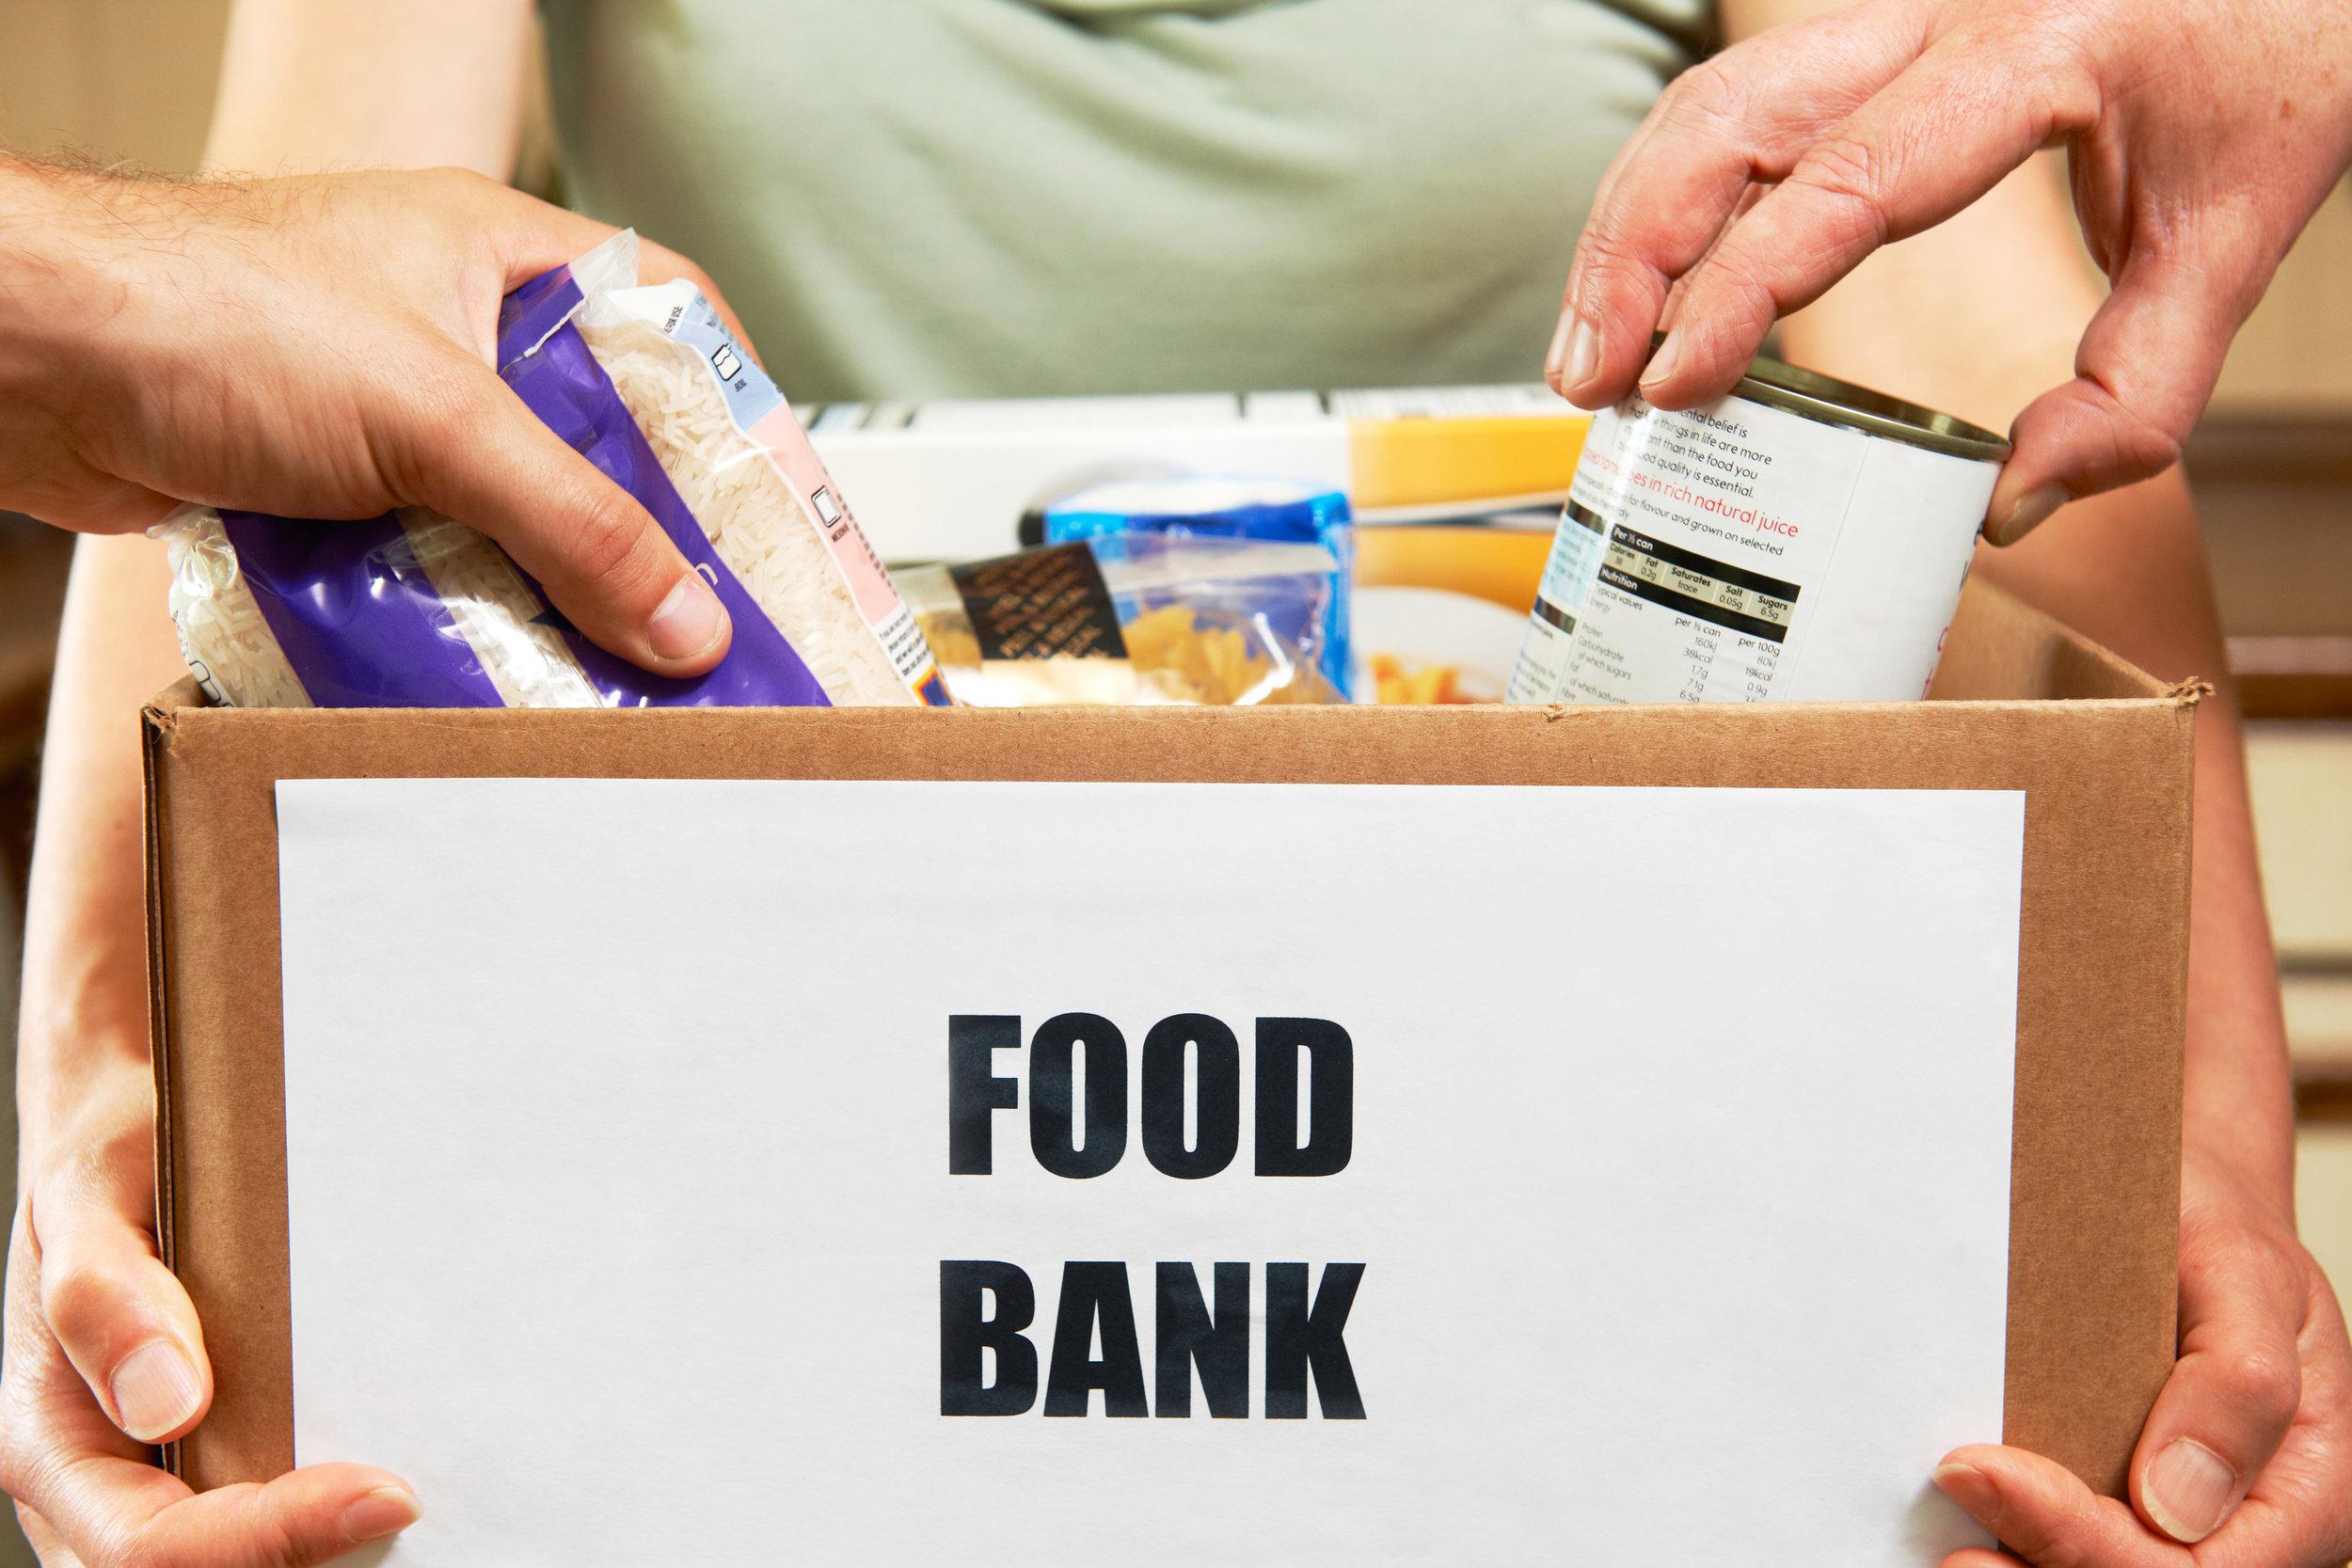 Volunteer at a local Food Bank -